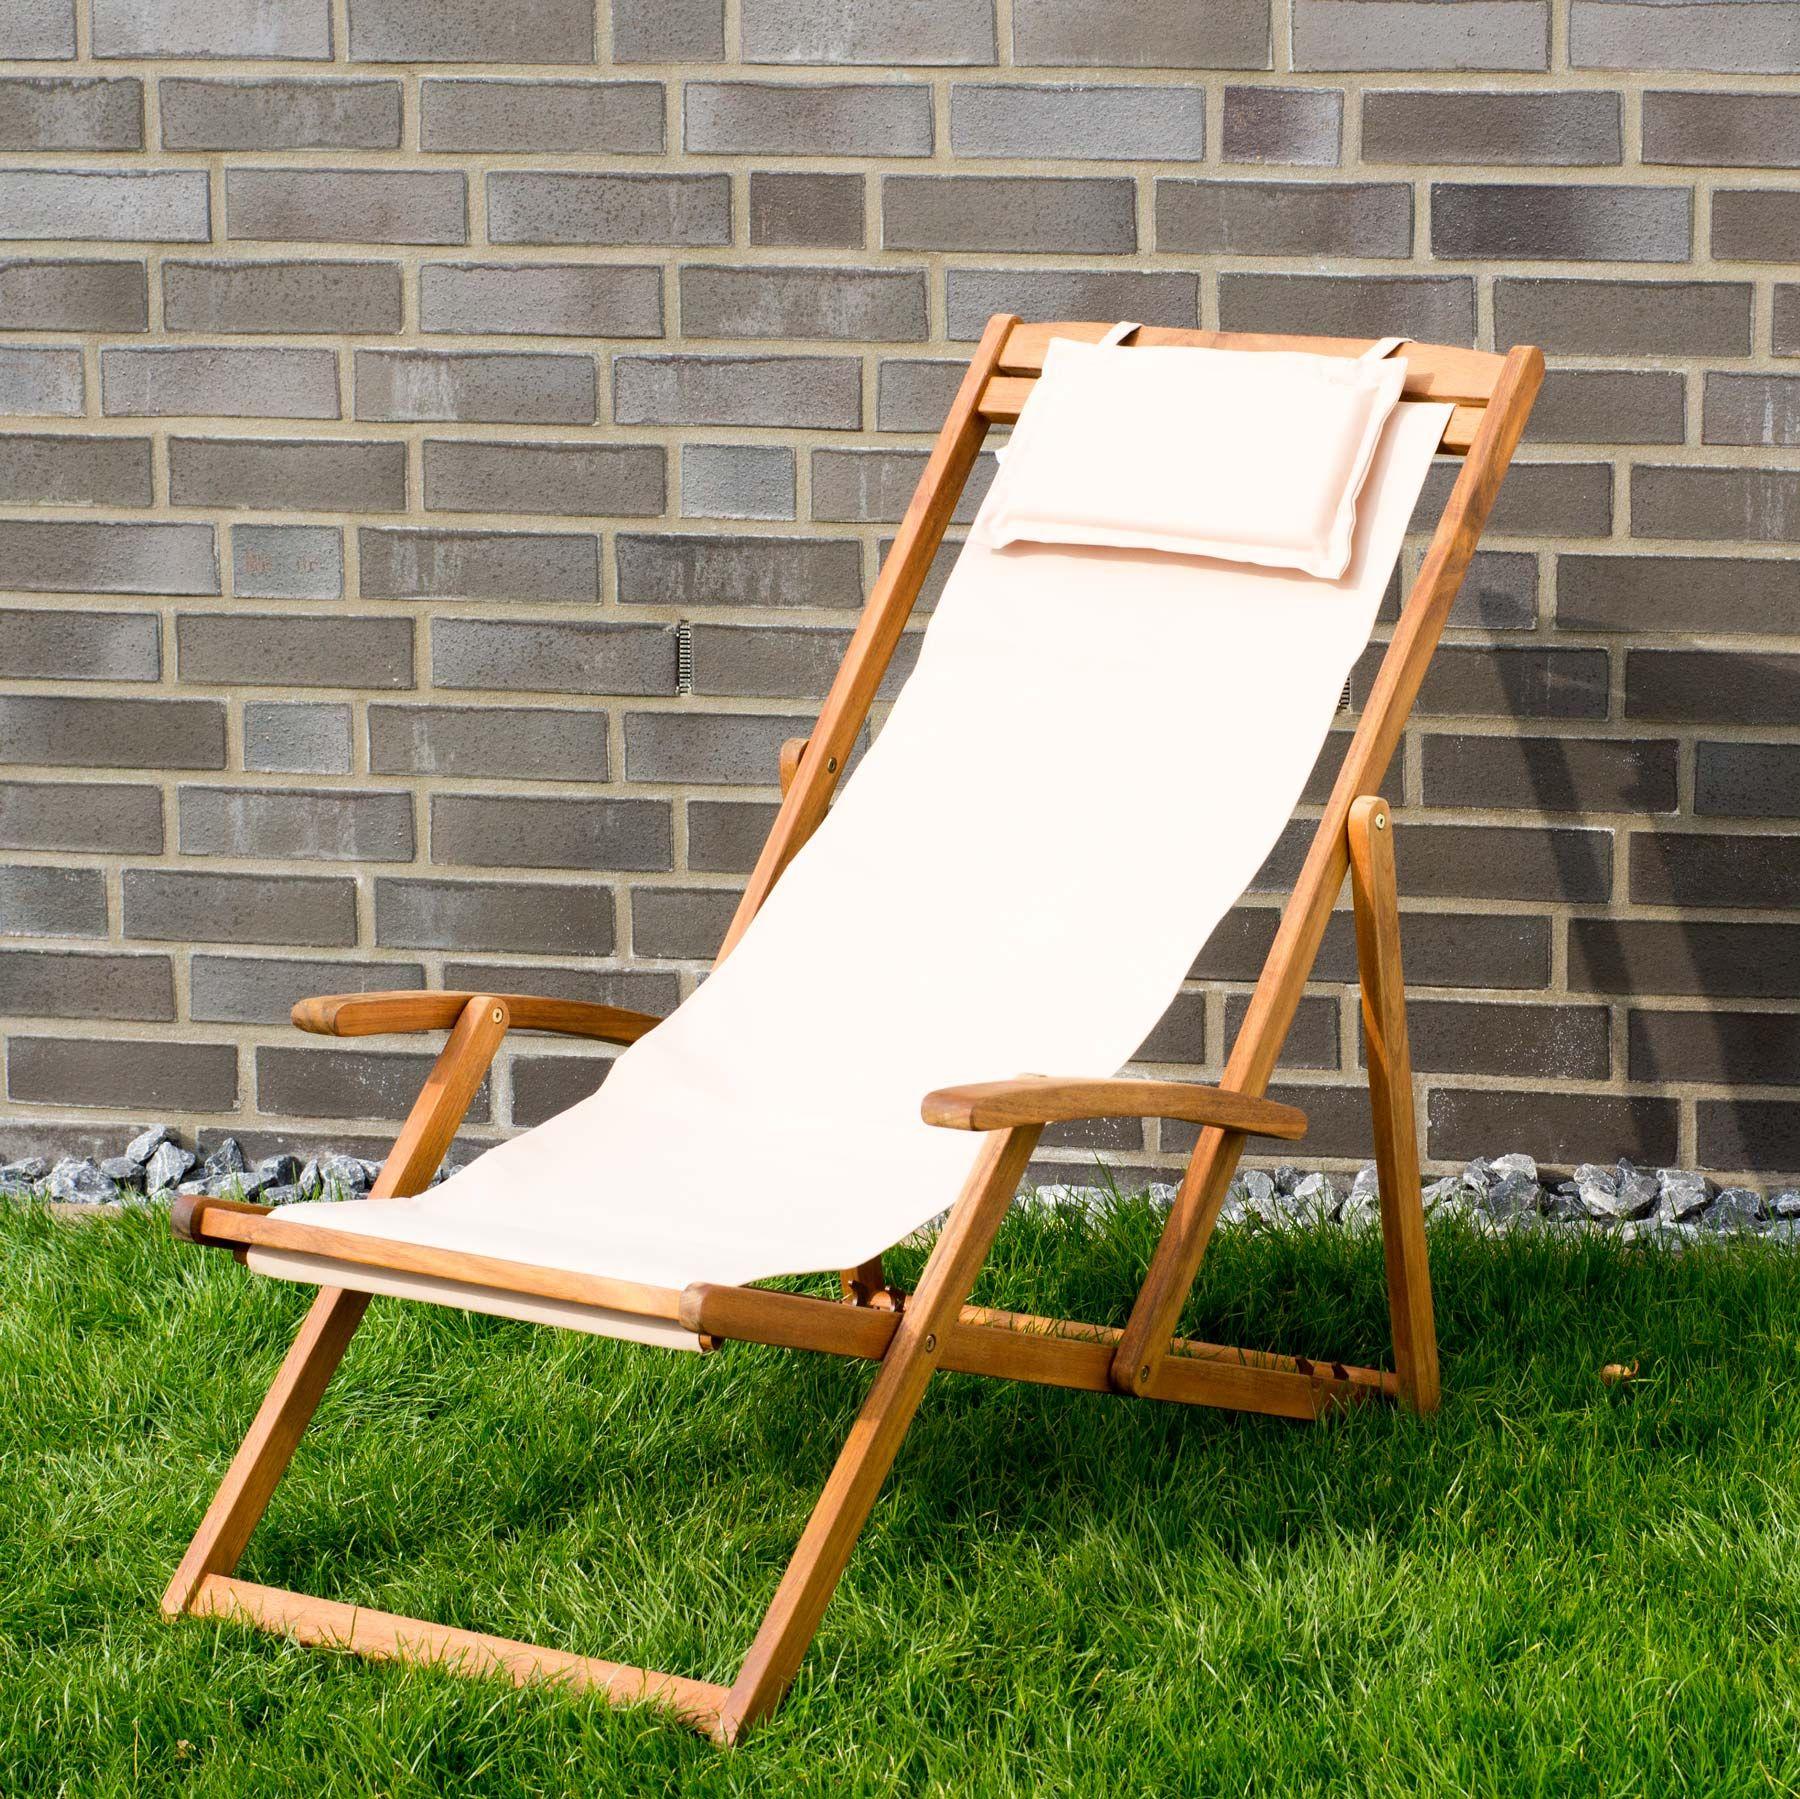 Full Size of Liegestuhl Klappbar Ikea Holz Stoff Holzhaus Kind Garten Esstisch Küche Kaufen Sofa Mit Schlaffunktion Modulküche Betten Bei Kosten 160x200 Bett Ausklappbar Wohnzimmer Liegestuhl Klappbar Ikea